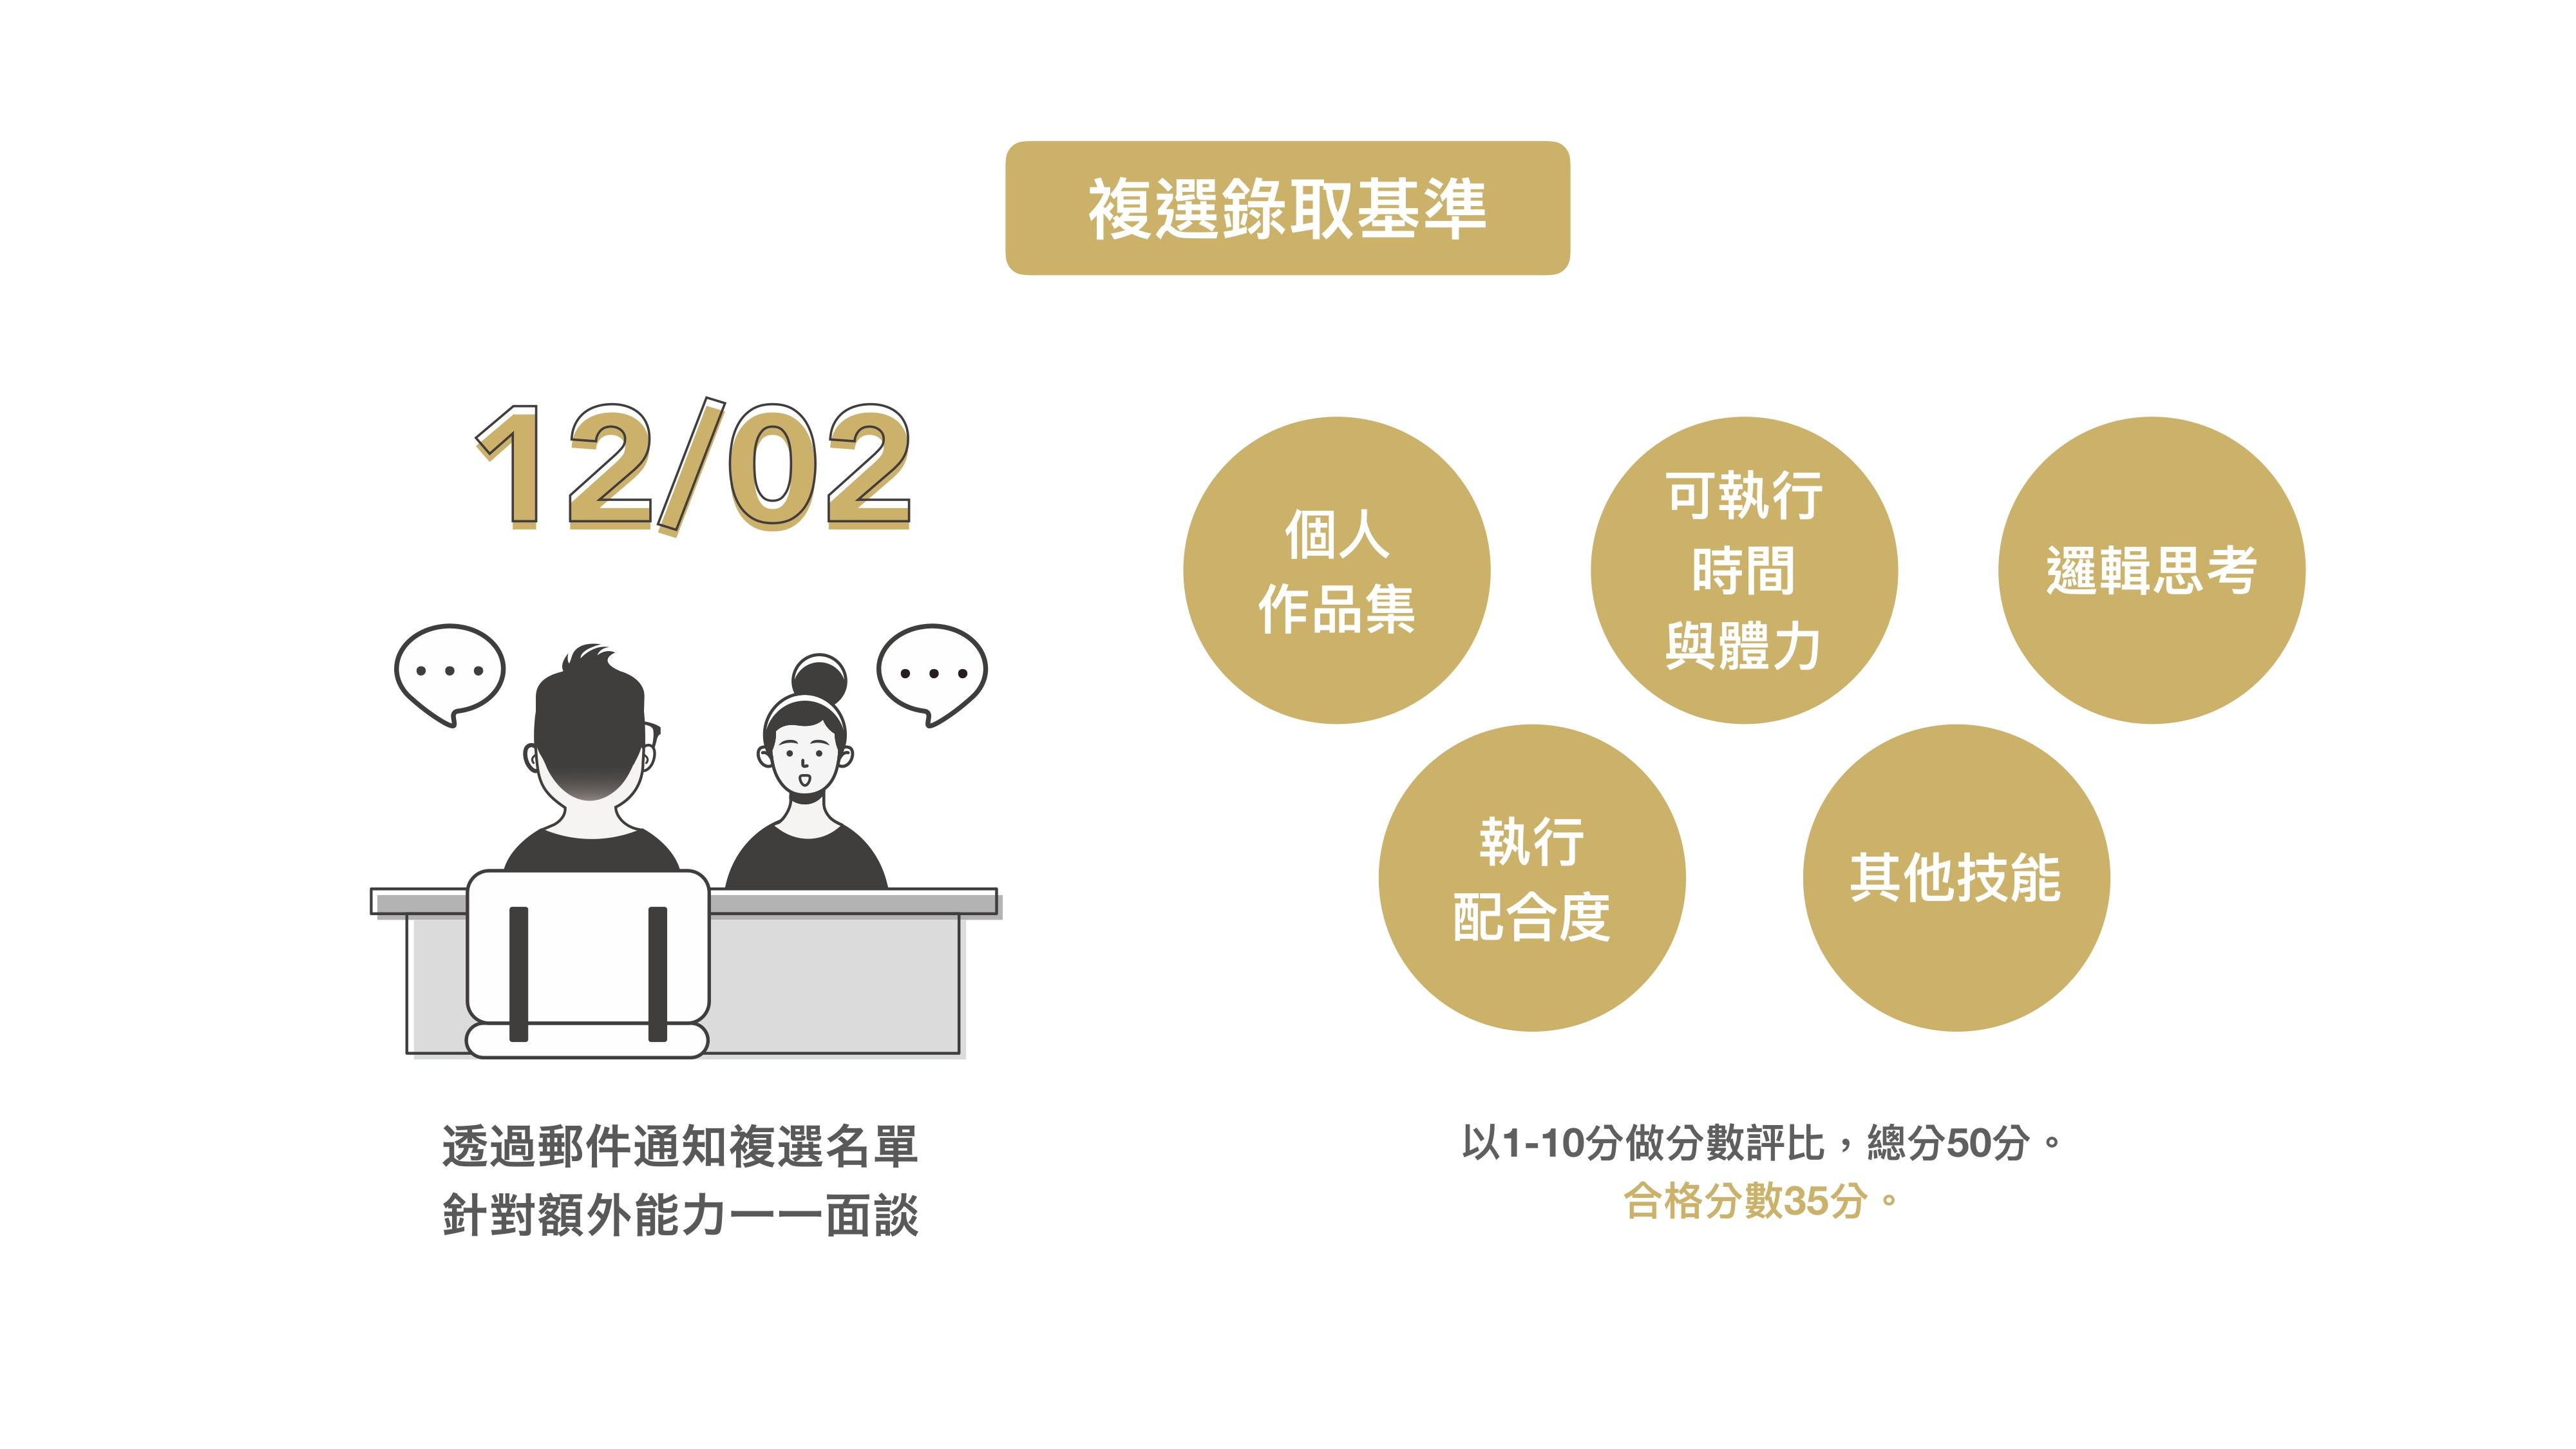 2020 接案新制交流會官網內容7